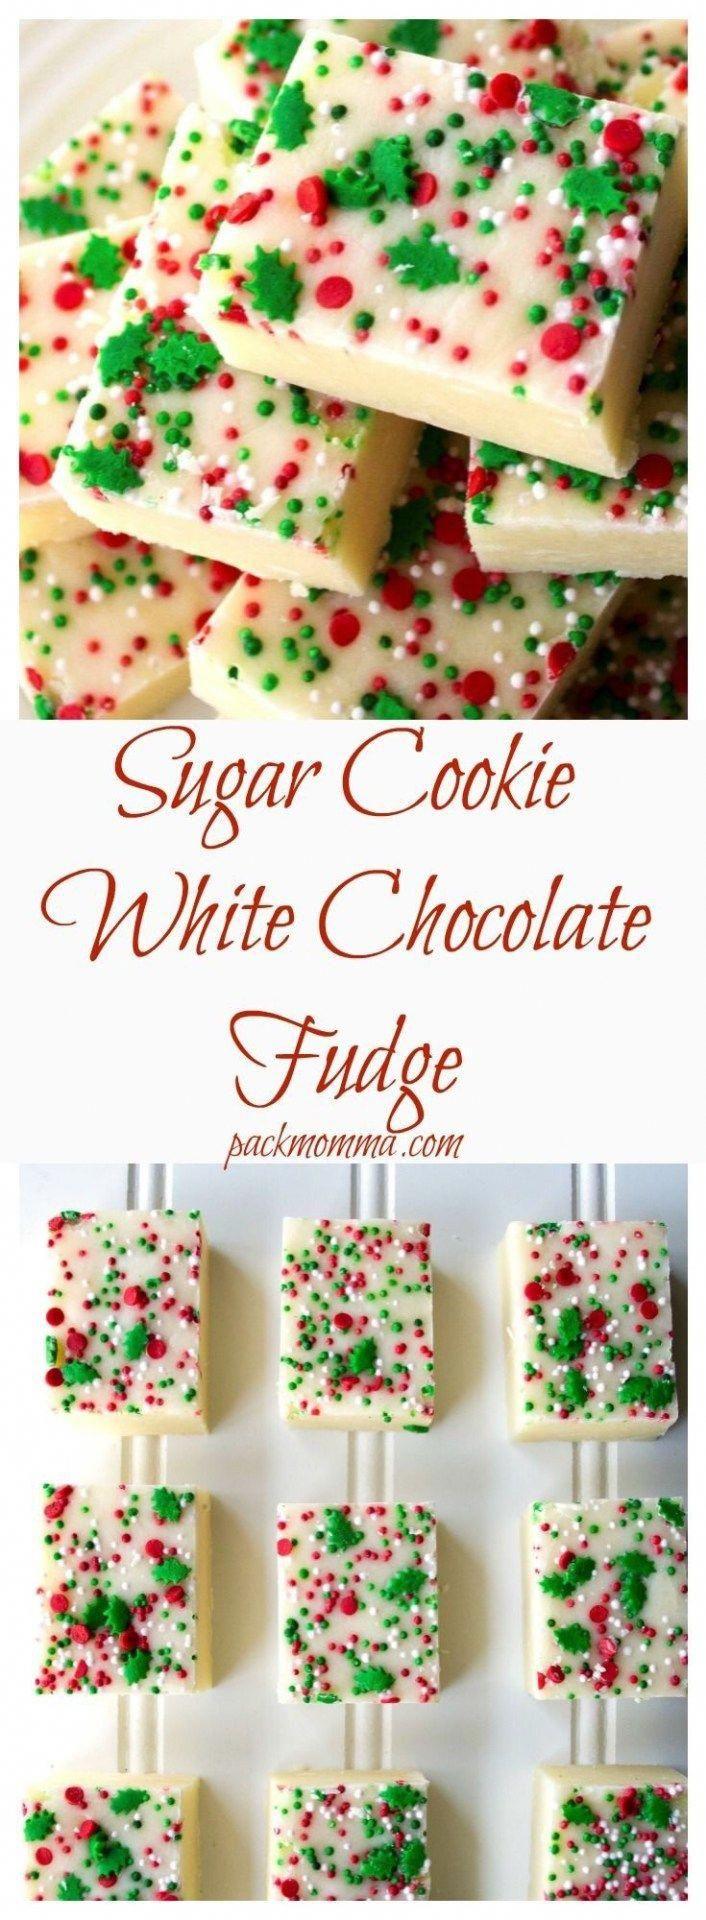 56 Freakishly Good Fudge Recipes - Captain Decor #christmastreats